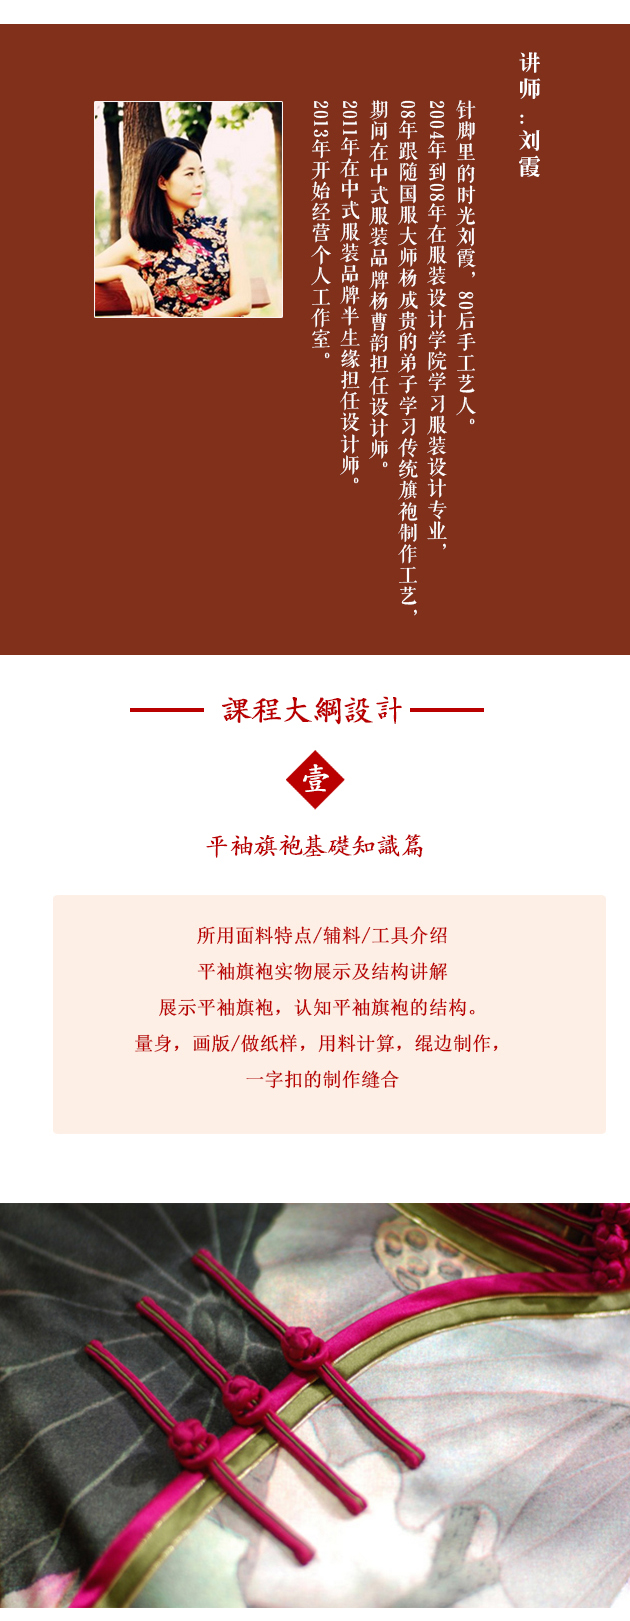 平袖裁剪旗袍制作工艺技法